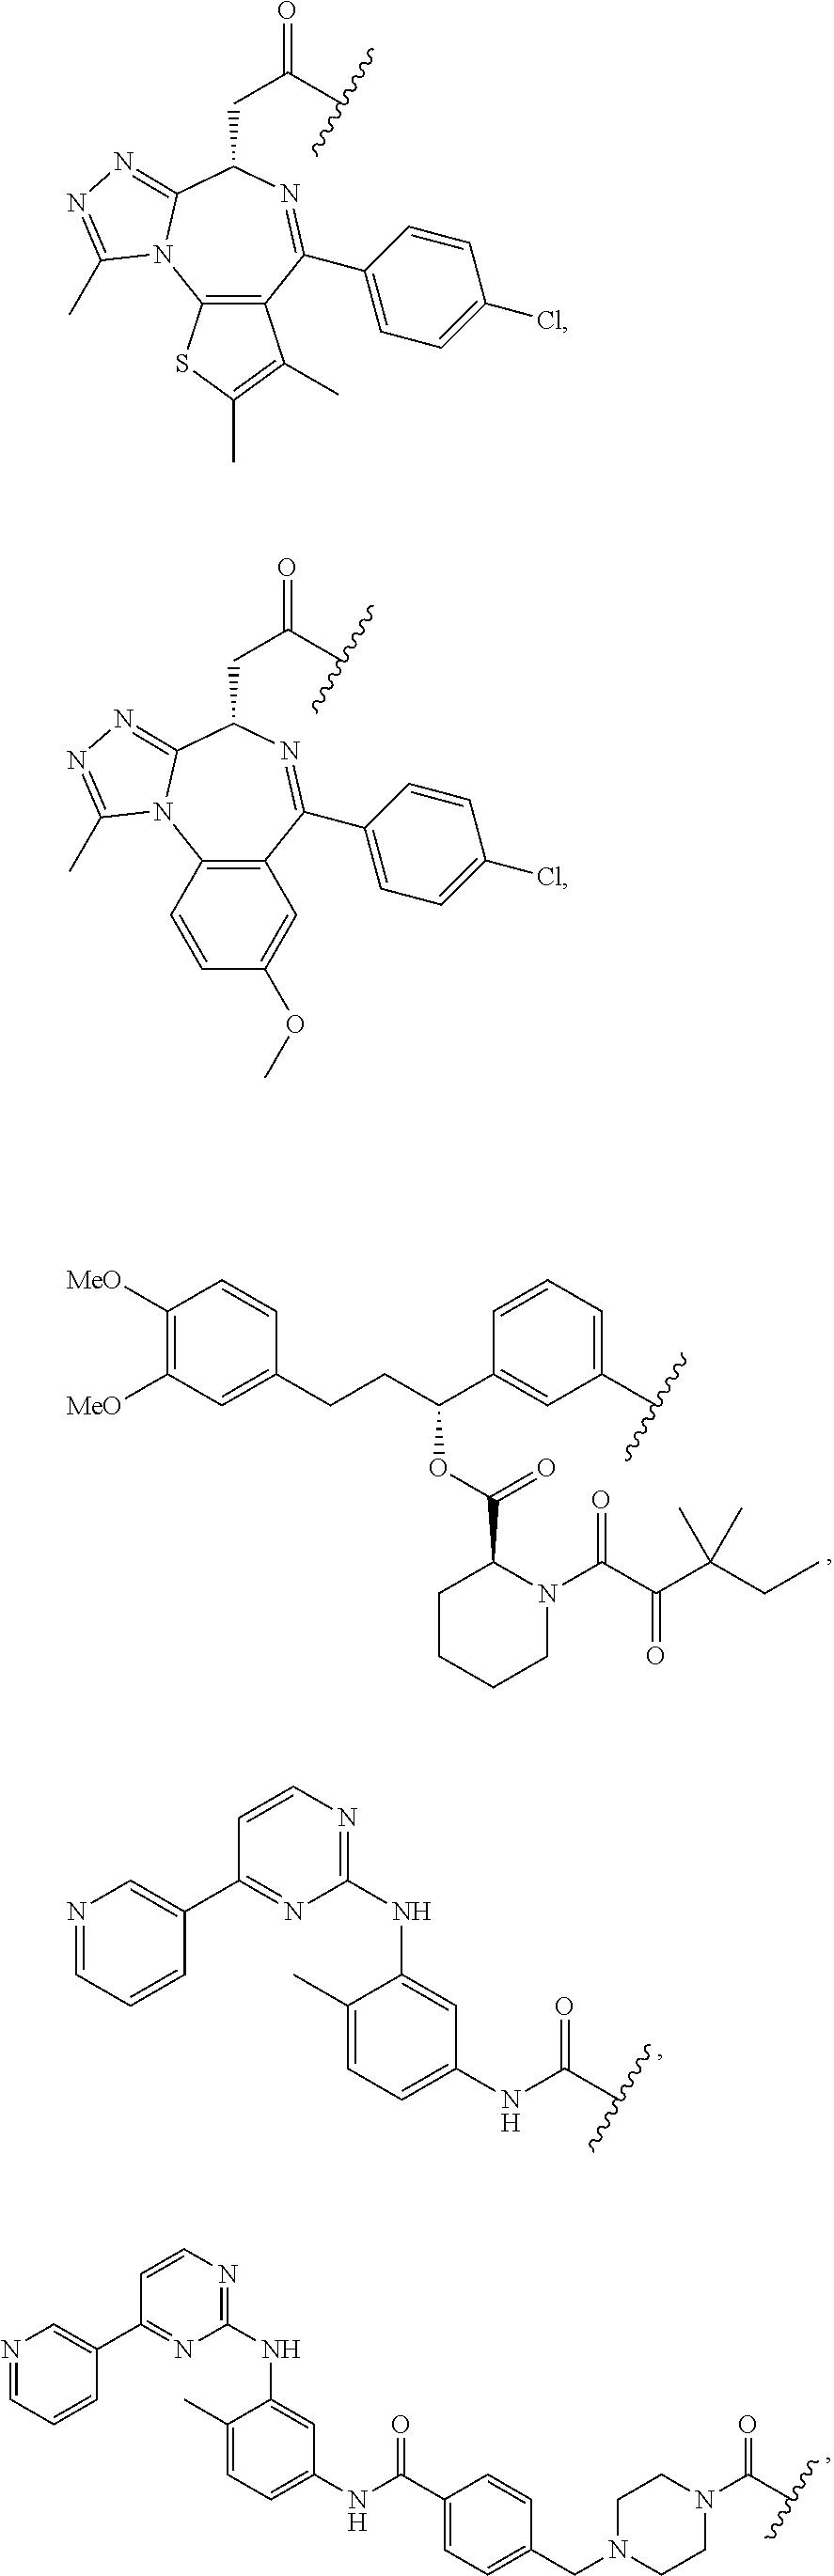 Figure US09809603-20171107-C00049